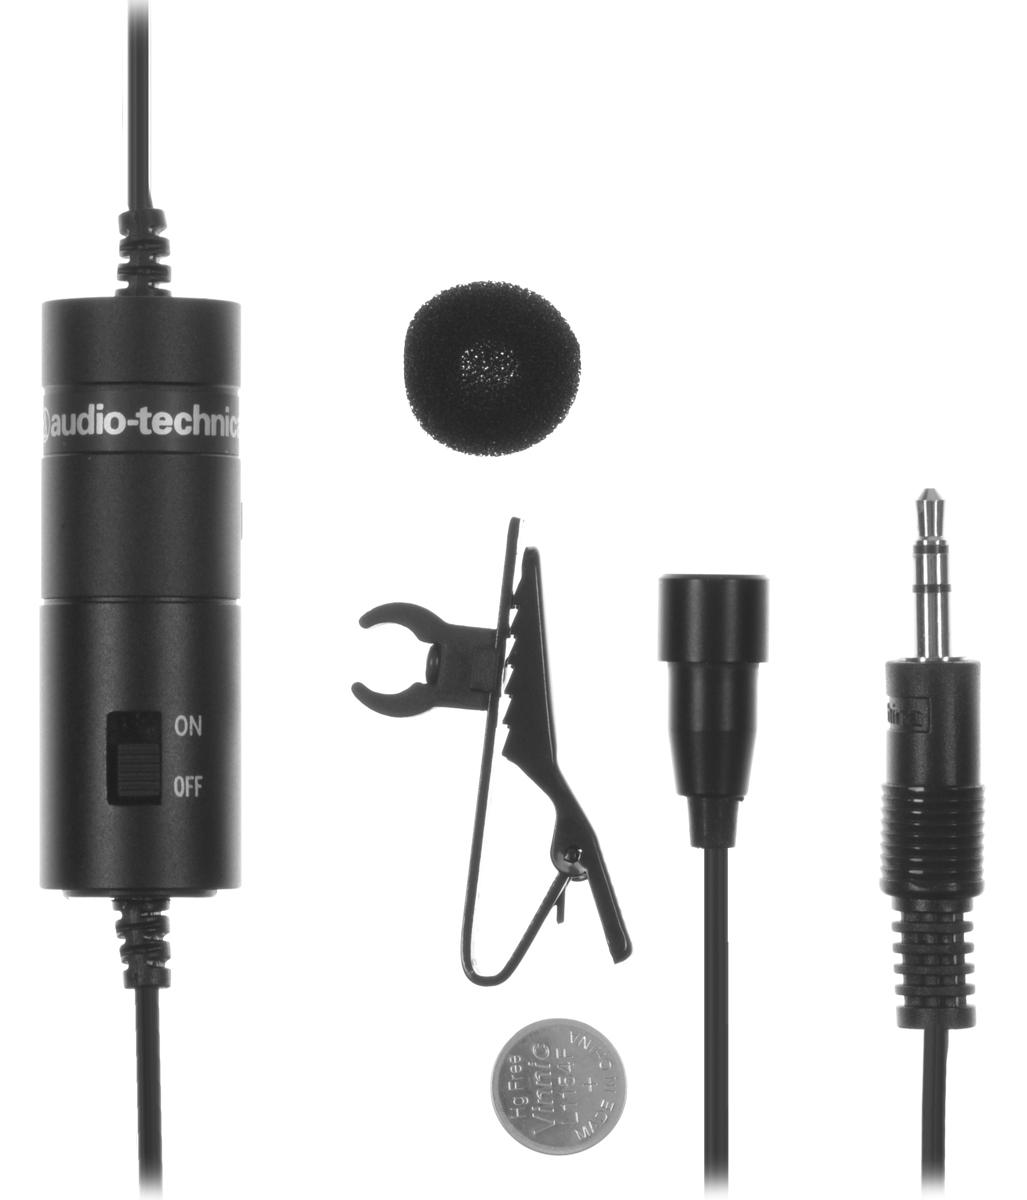 Audio-Technica ATR-3350 - Микрофоны